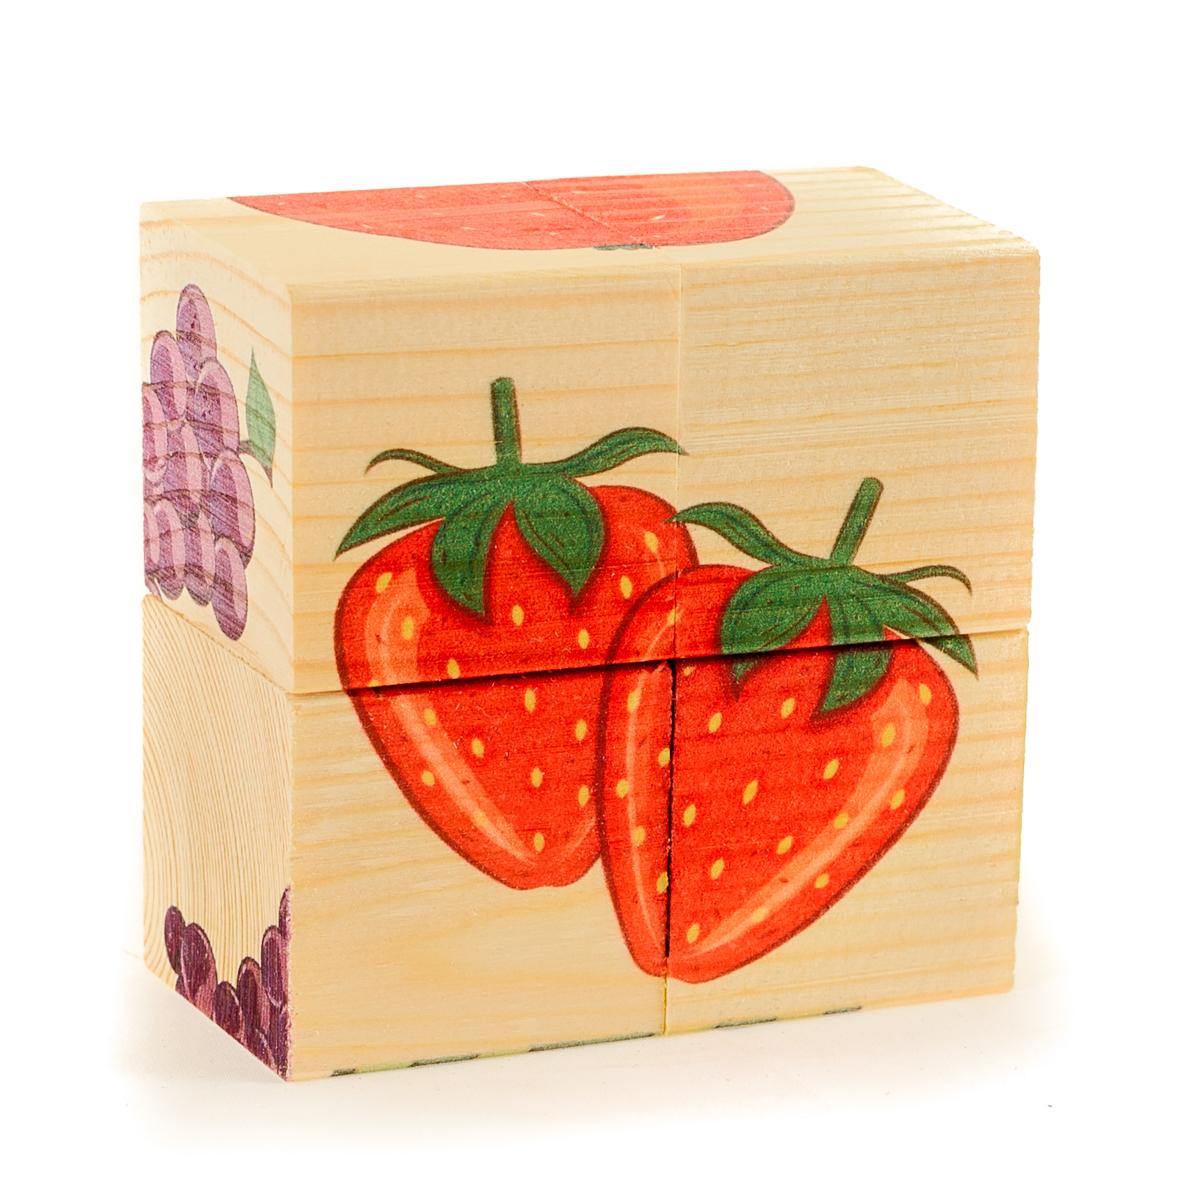 Развивающие деревянные игрушки Кубики Фрукты